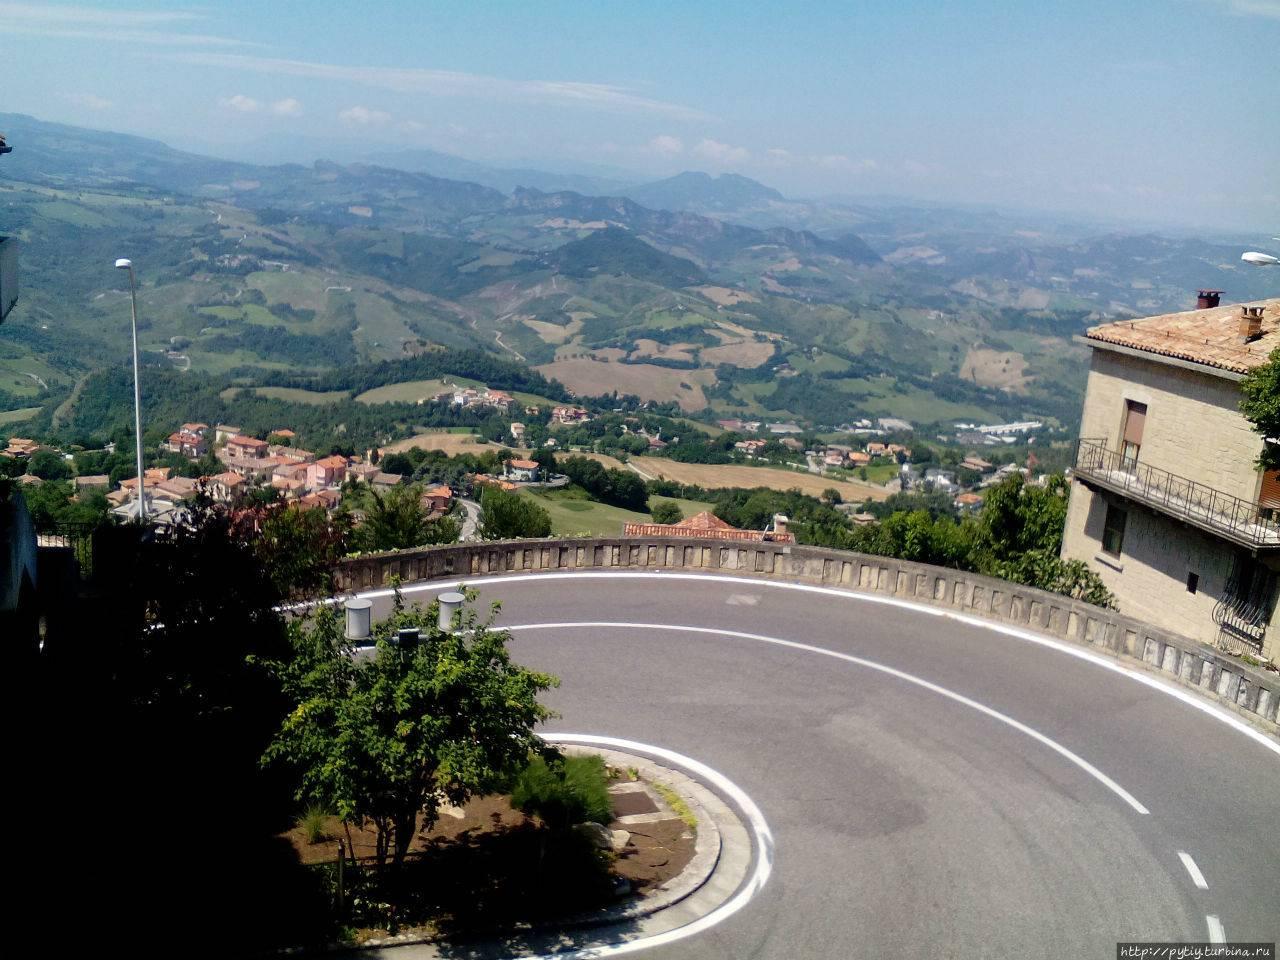 Что посмотреть в италии на машине самостоятельно - маршрут, описание, отзывы, карта